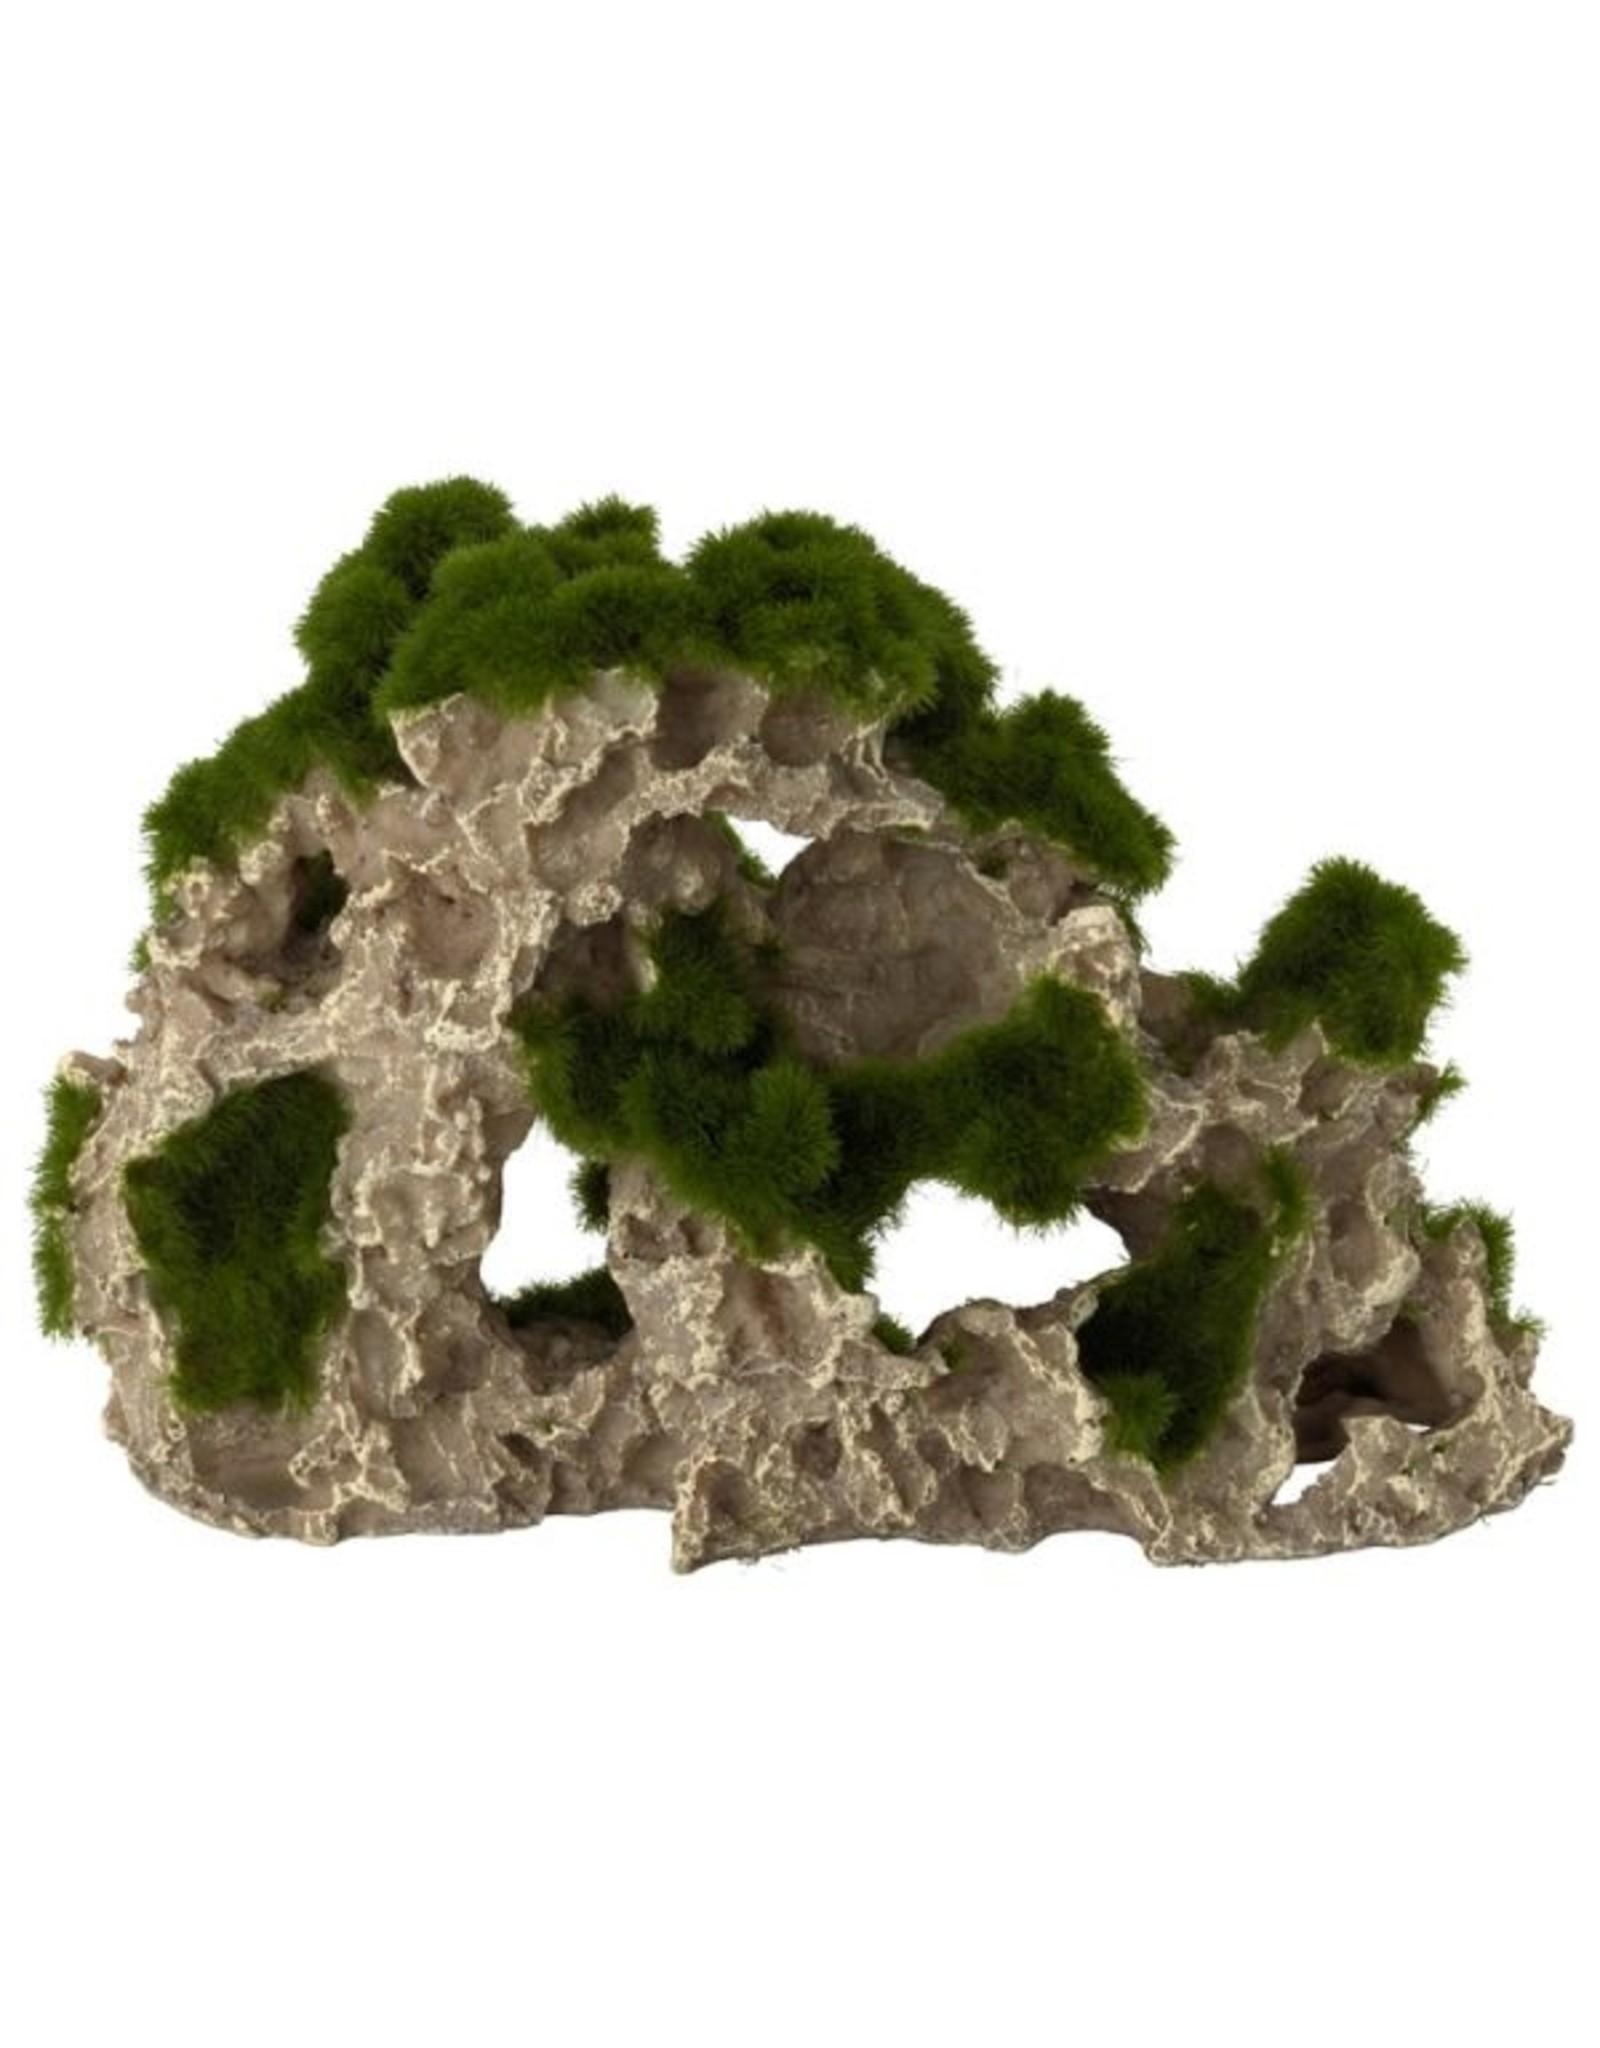 Aqua Della AQUA DELLA Moss Rock  Medium